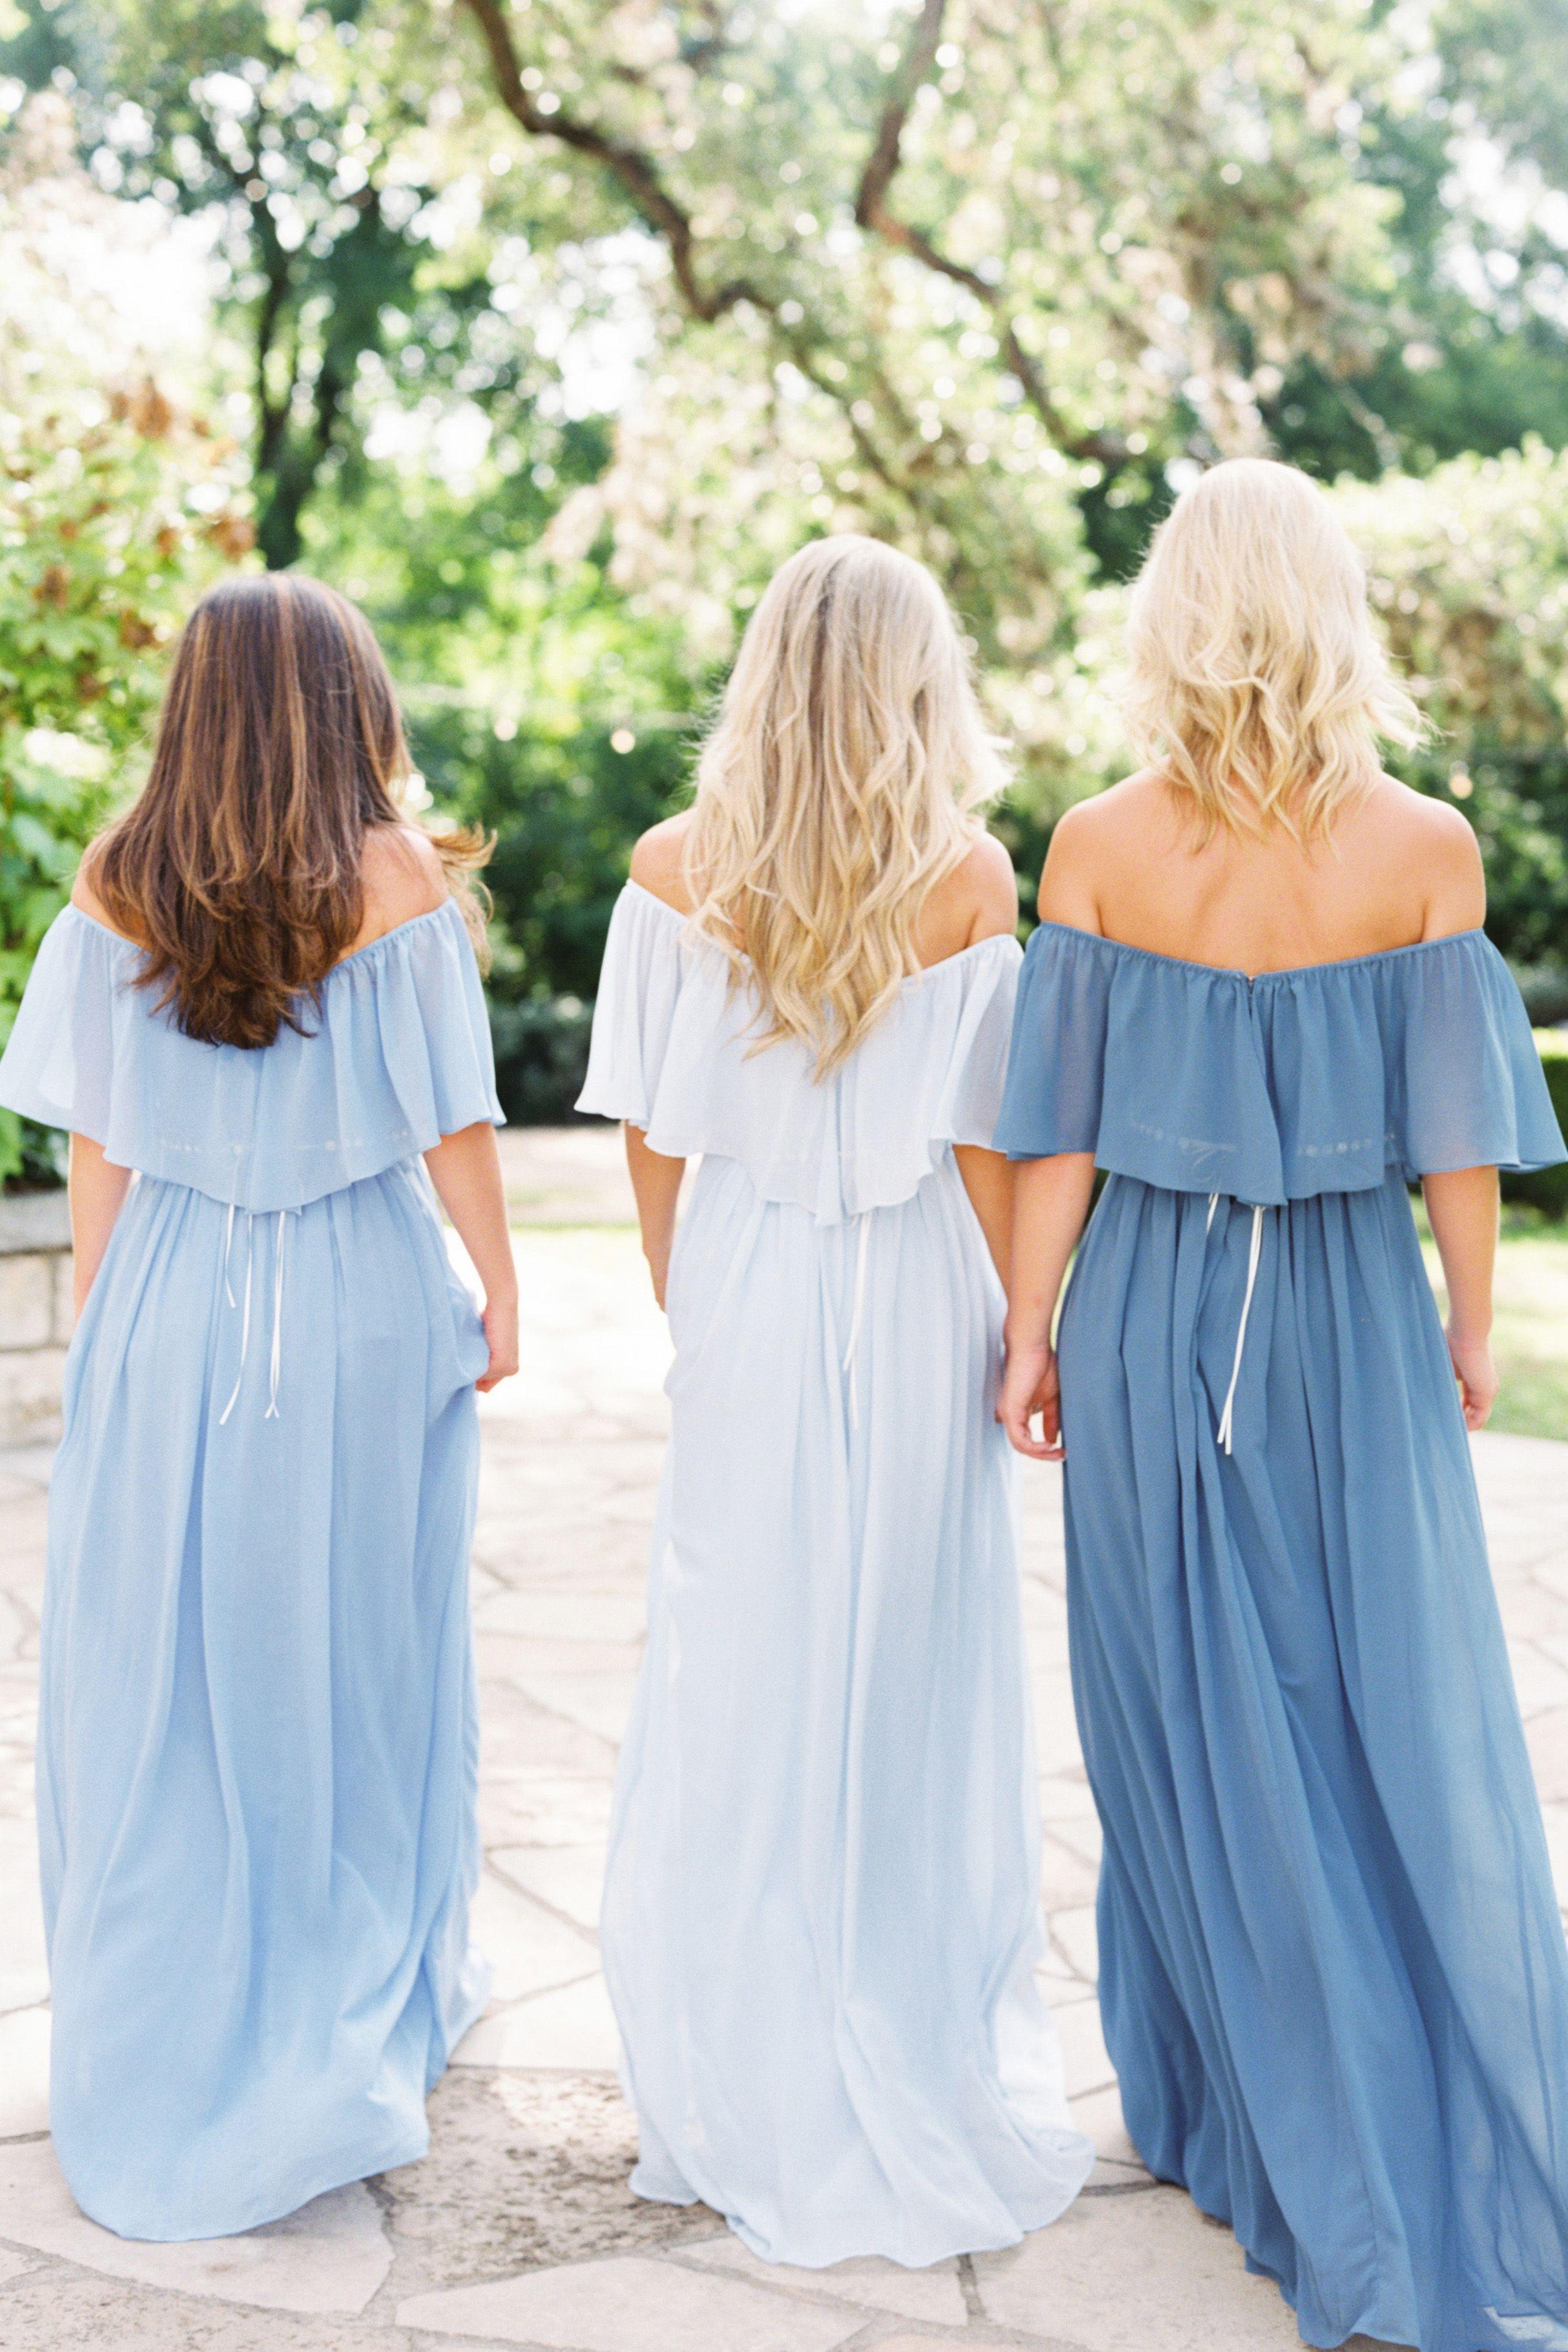 Abigail chiffon dress pinterest dusty blue chiffon bridesmaid